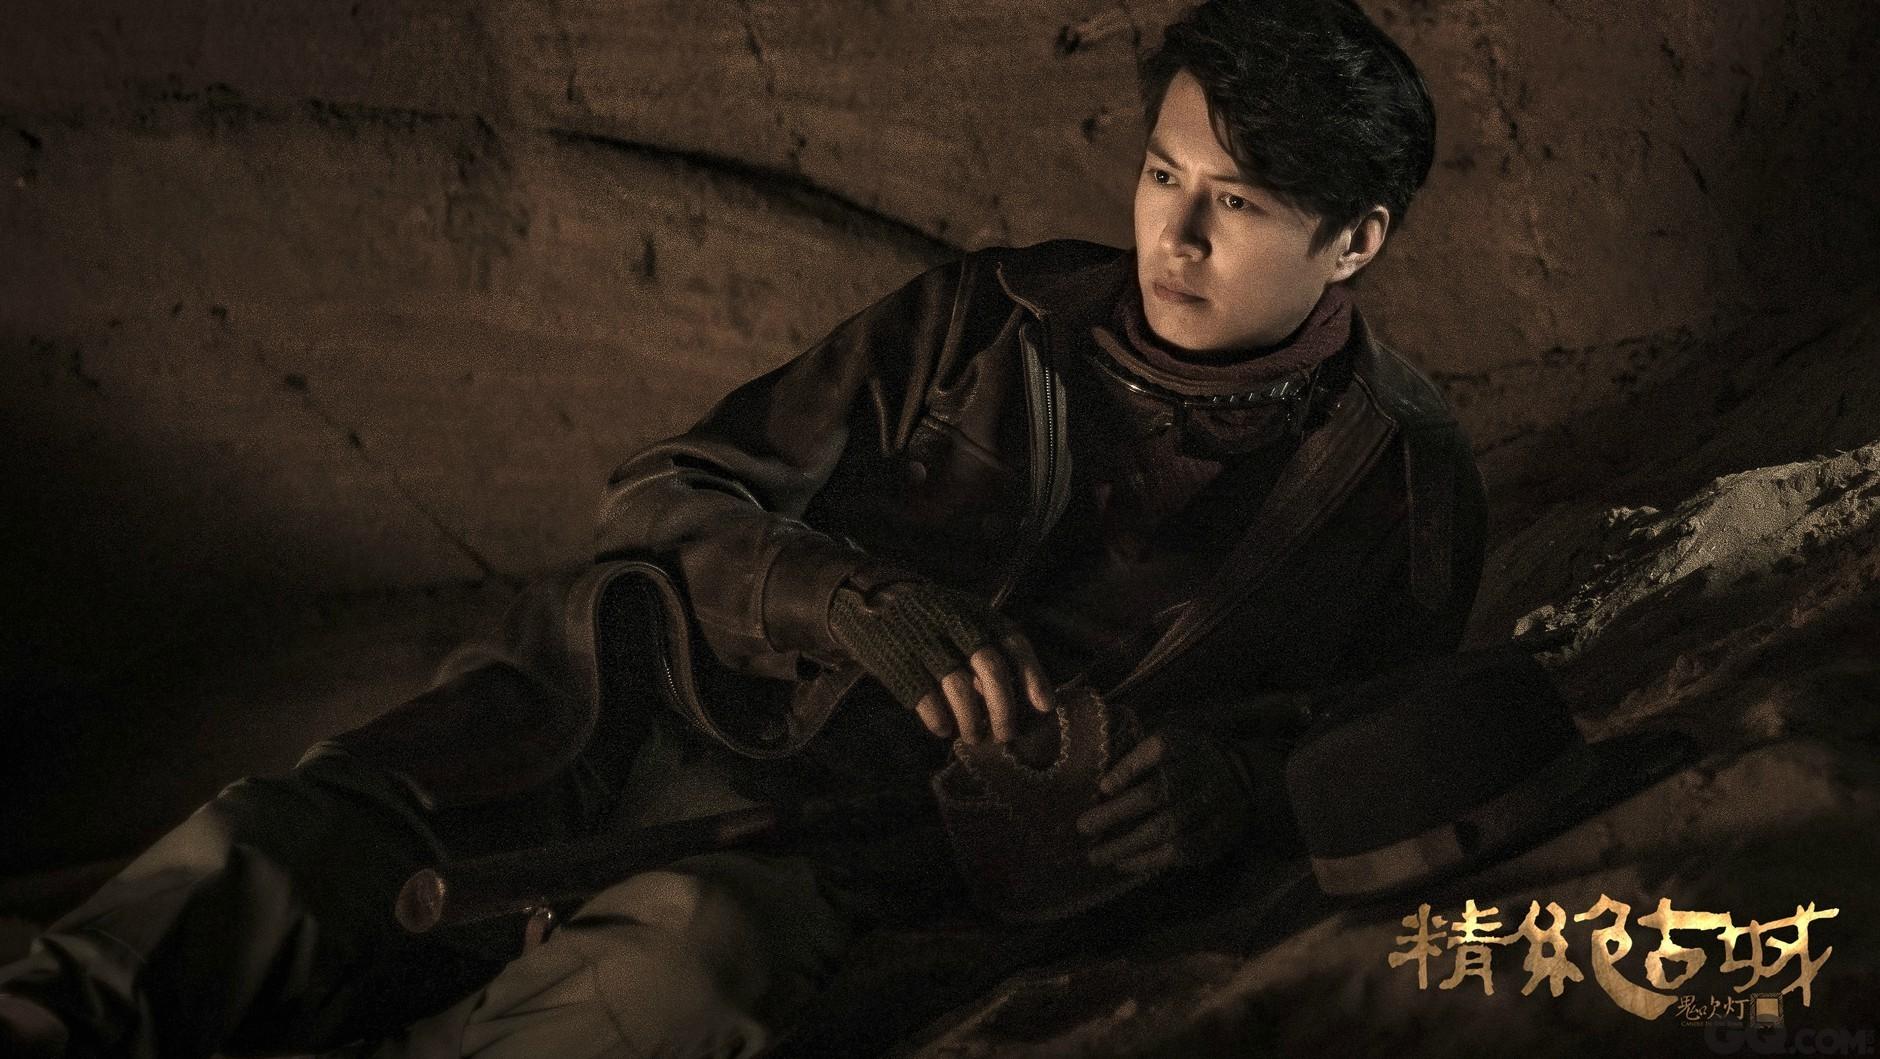 剧照中几位主演生动地呈现出探险旅途中的不同状态。靳东饰演的胡八一斜卧在地略显疲惫,但目光仍聚焦前方若有所思,体现了他作为灵魂人物的领袖力量和责任感。